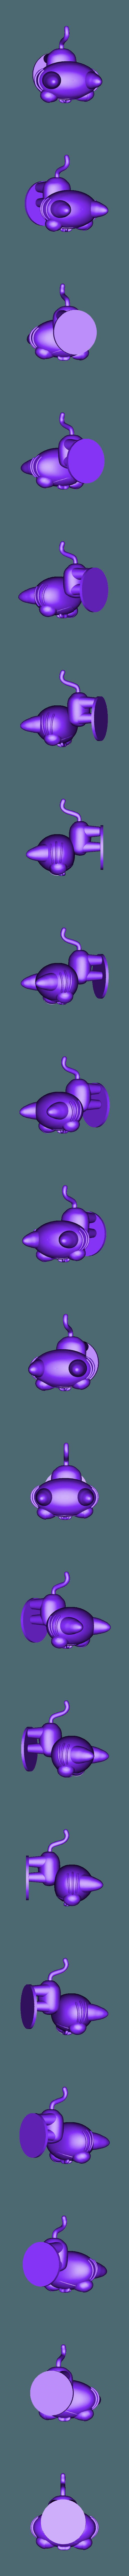 Yani_Cat.stl Télécharger fichier STL gratuit Chat Yani (Pucca) • Objet imprimable en 3D, Jangie